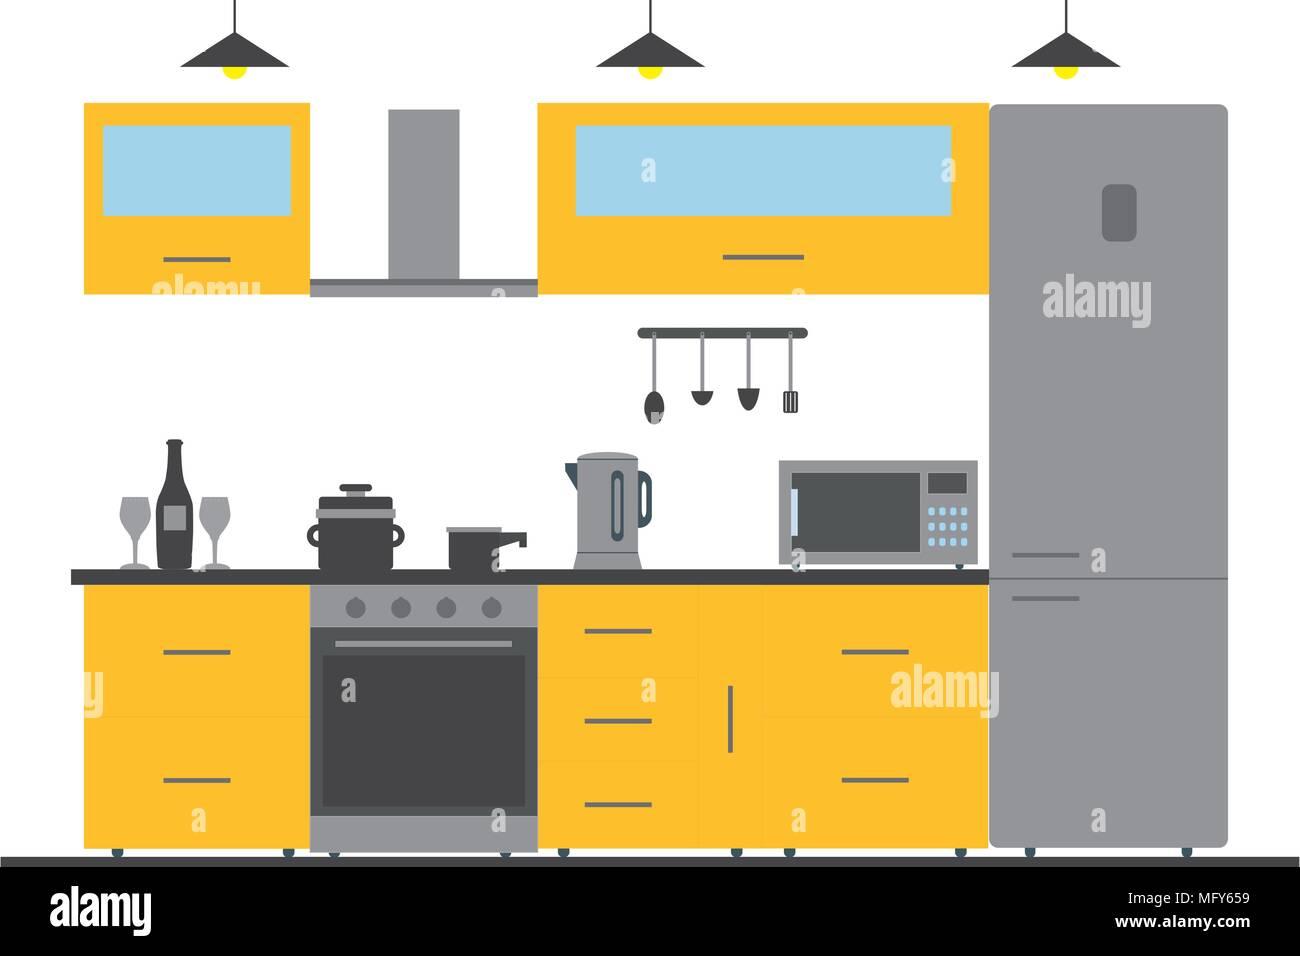 Meuble Cuisine Four Et Micro Onde cuisine intérieur avec meubles, ustensiles et appareils